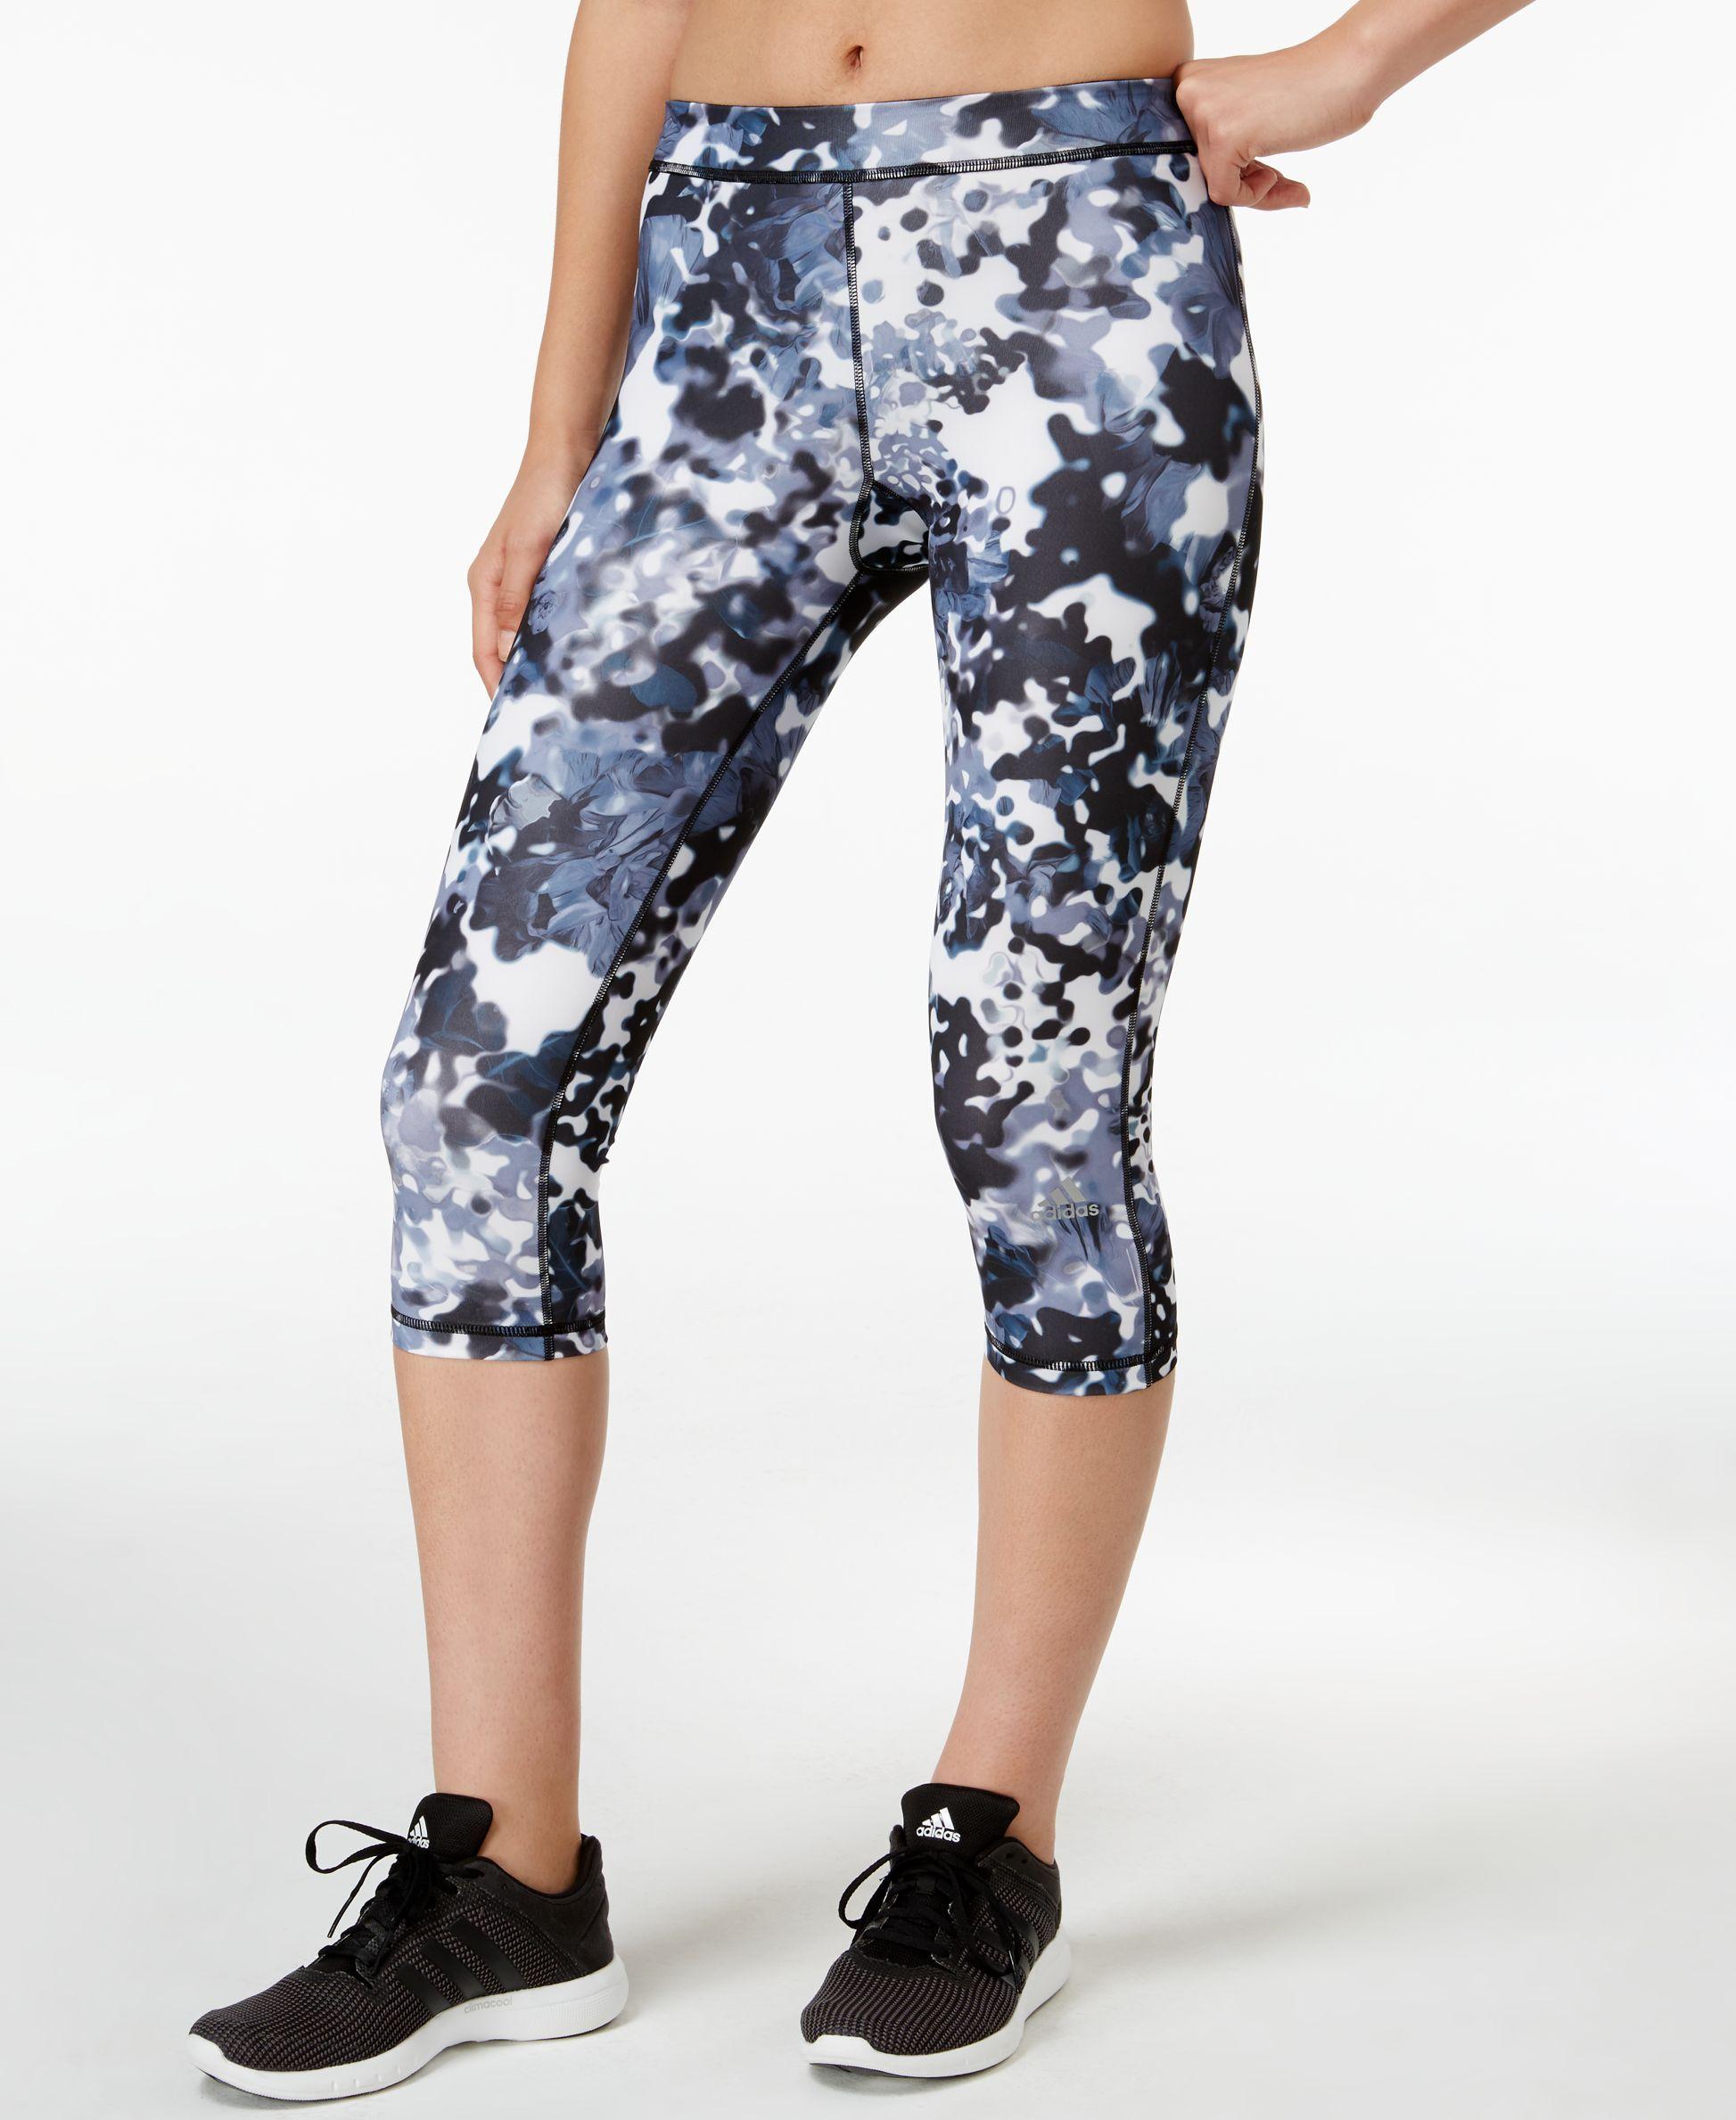 adidas TechFit Floral-Print Capri Leggings